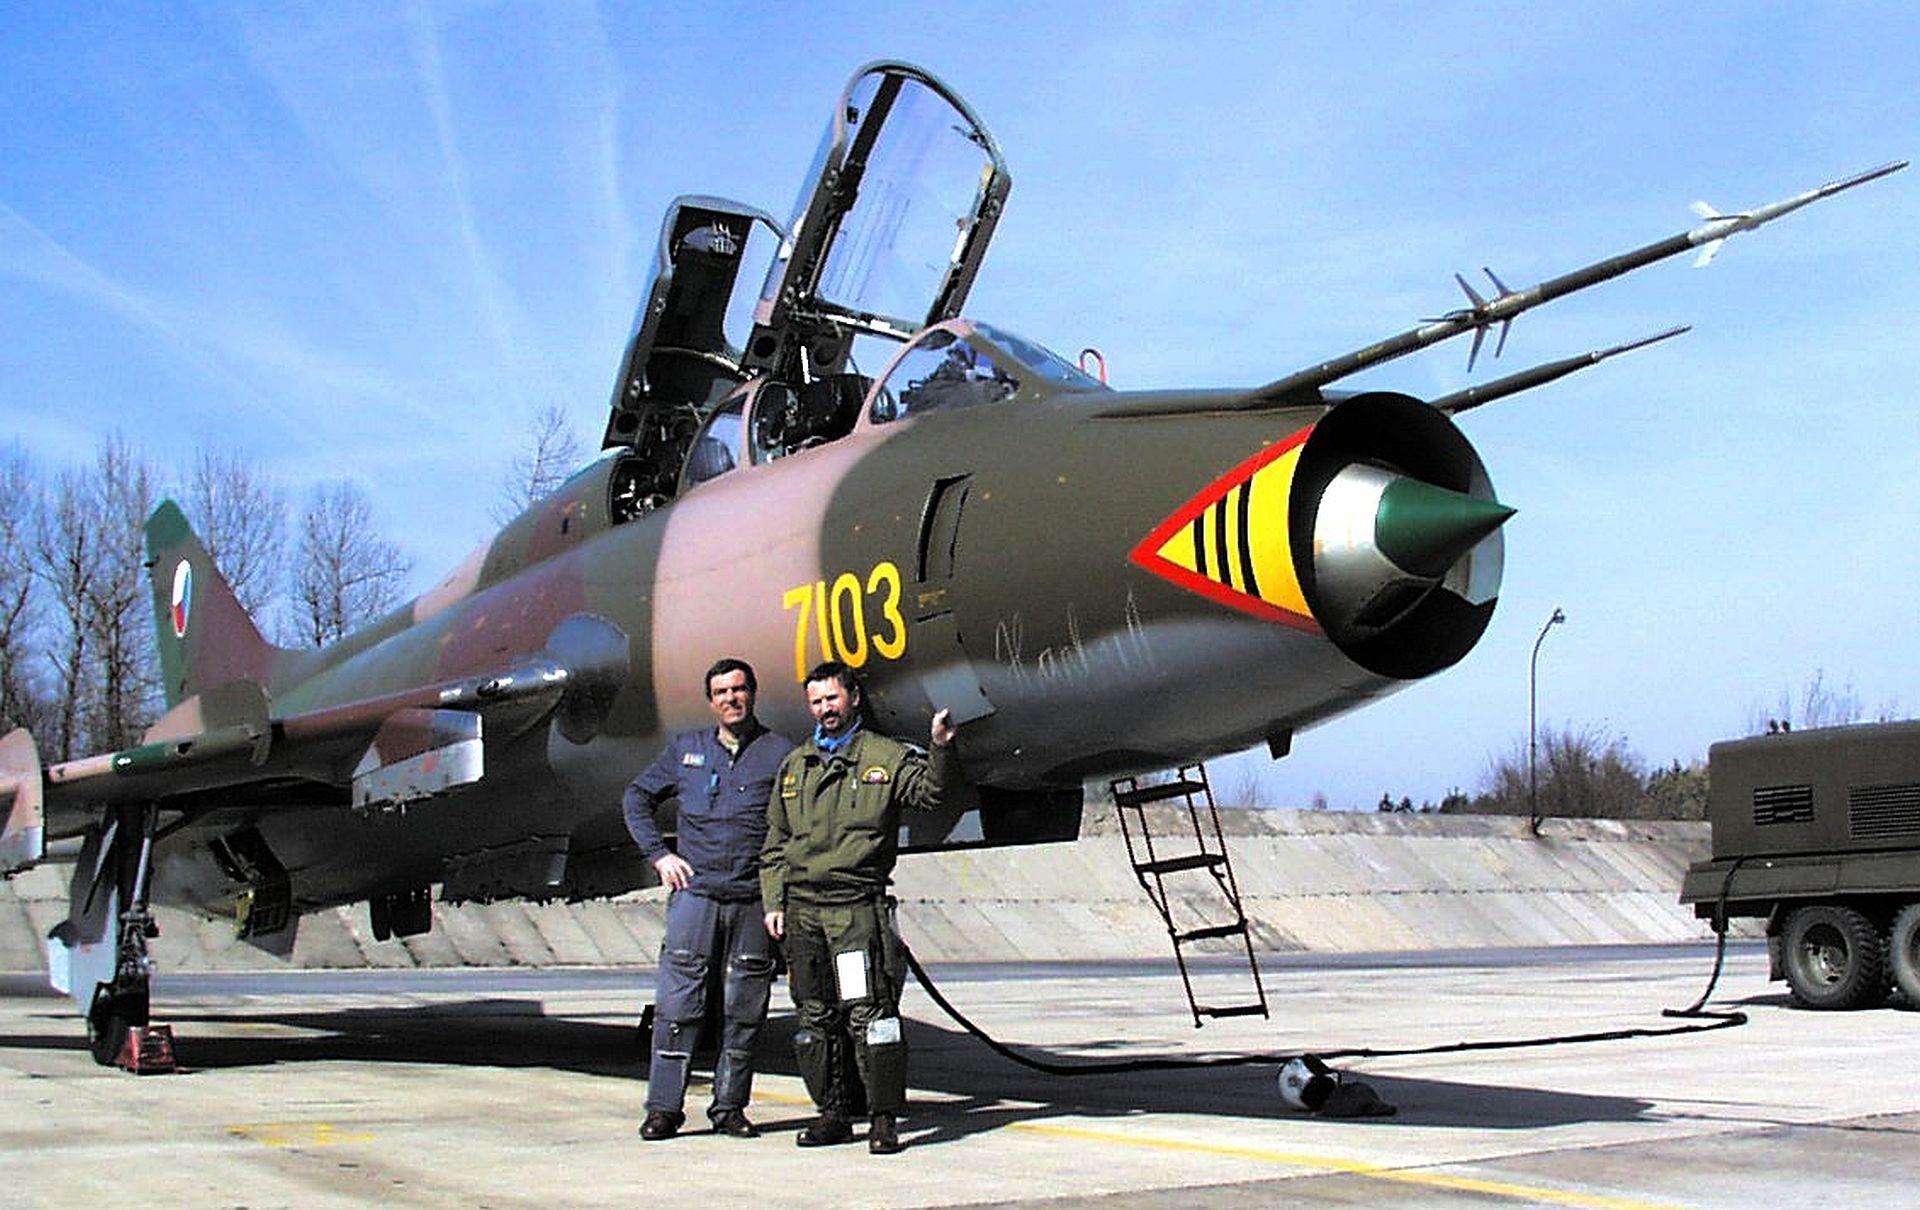 POSLEDNÍ LET SUCHOJE SU-22UM3K 7103 V LETECTVU AČR